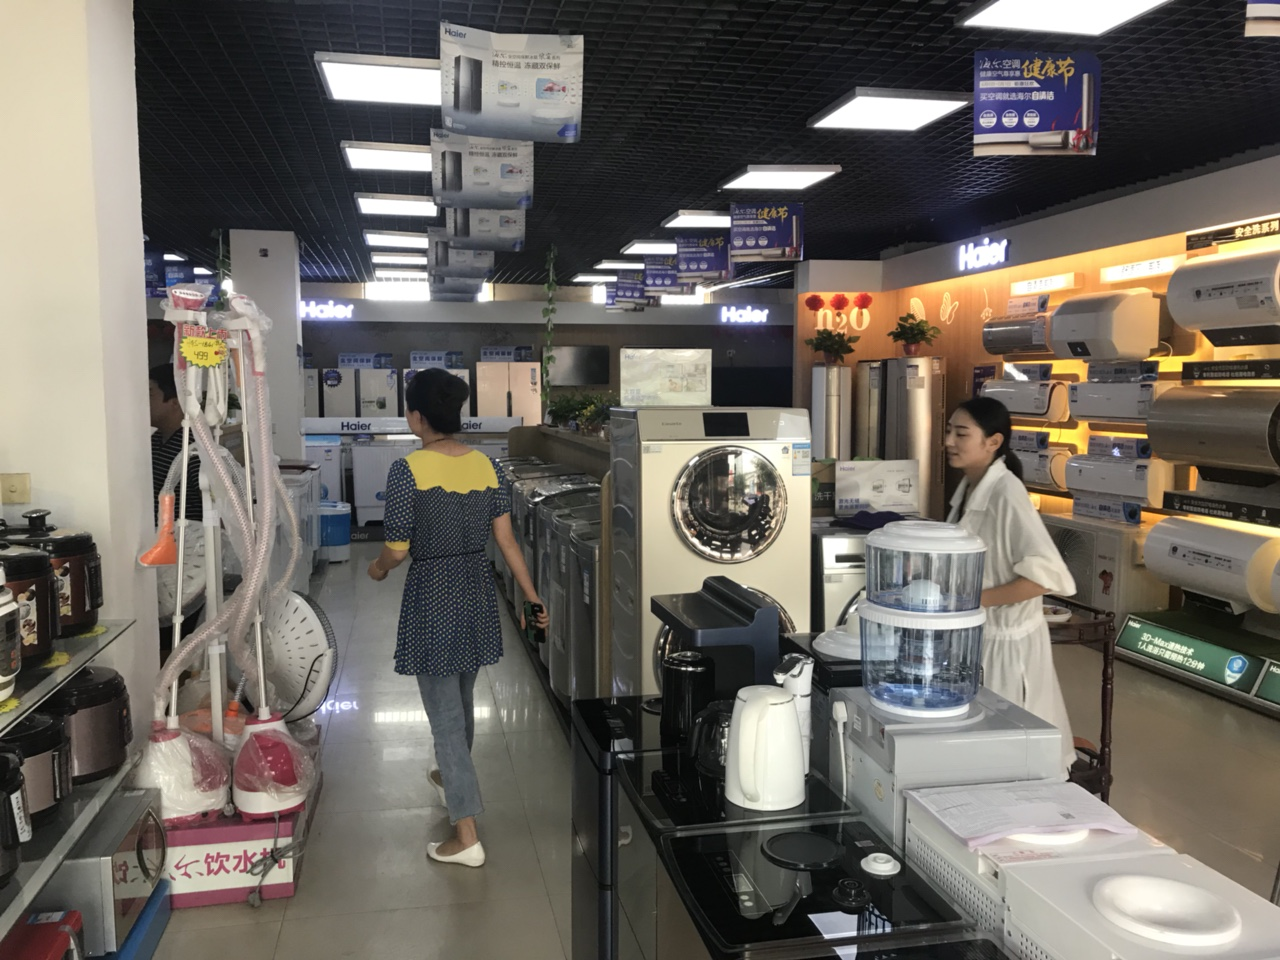 在张家川买家电,我只认海尔这个高大上的老品牌